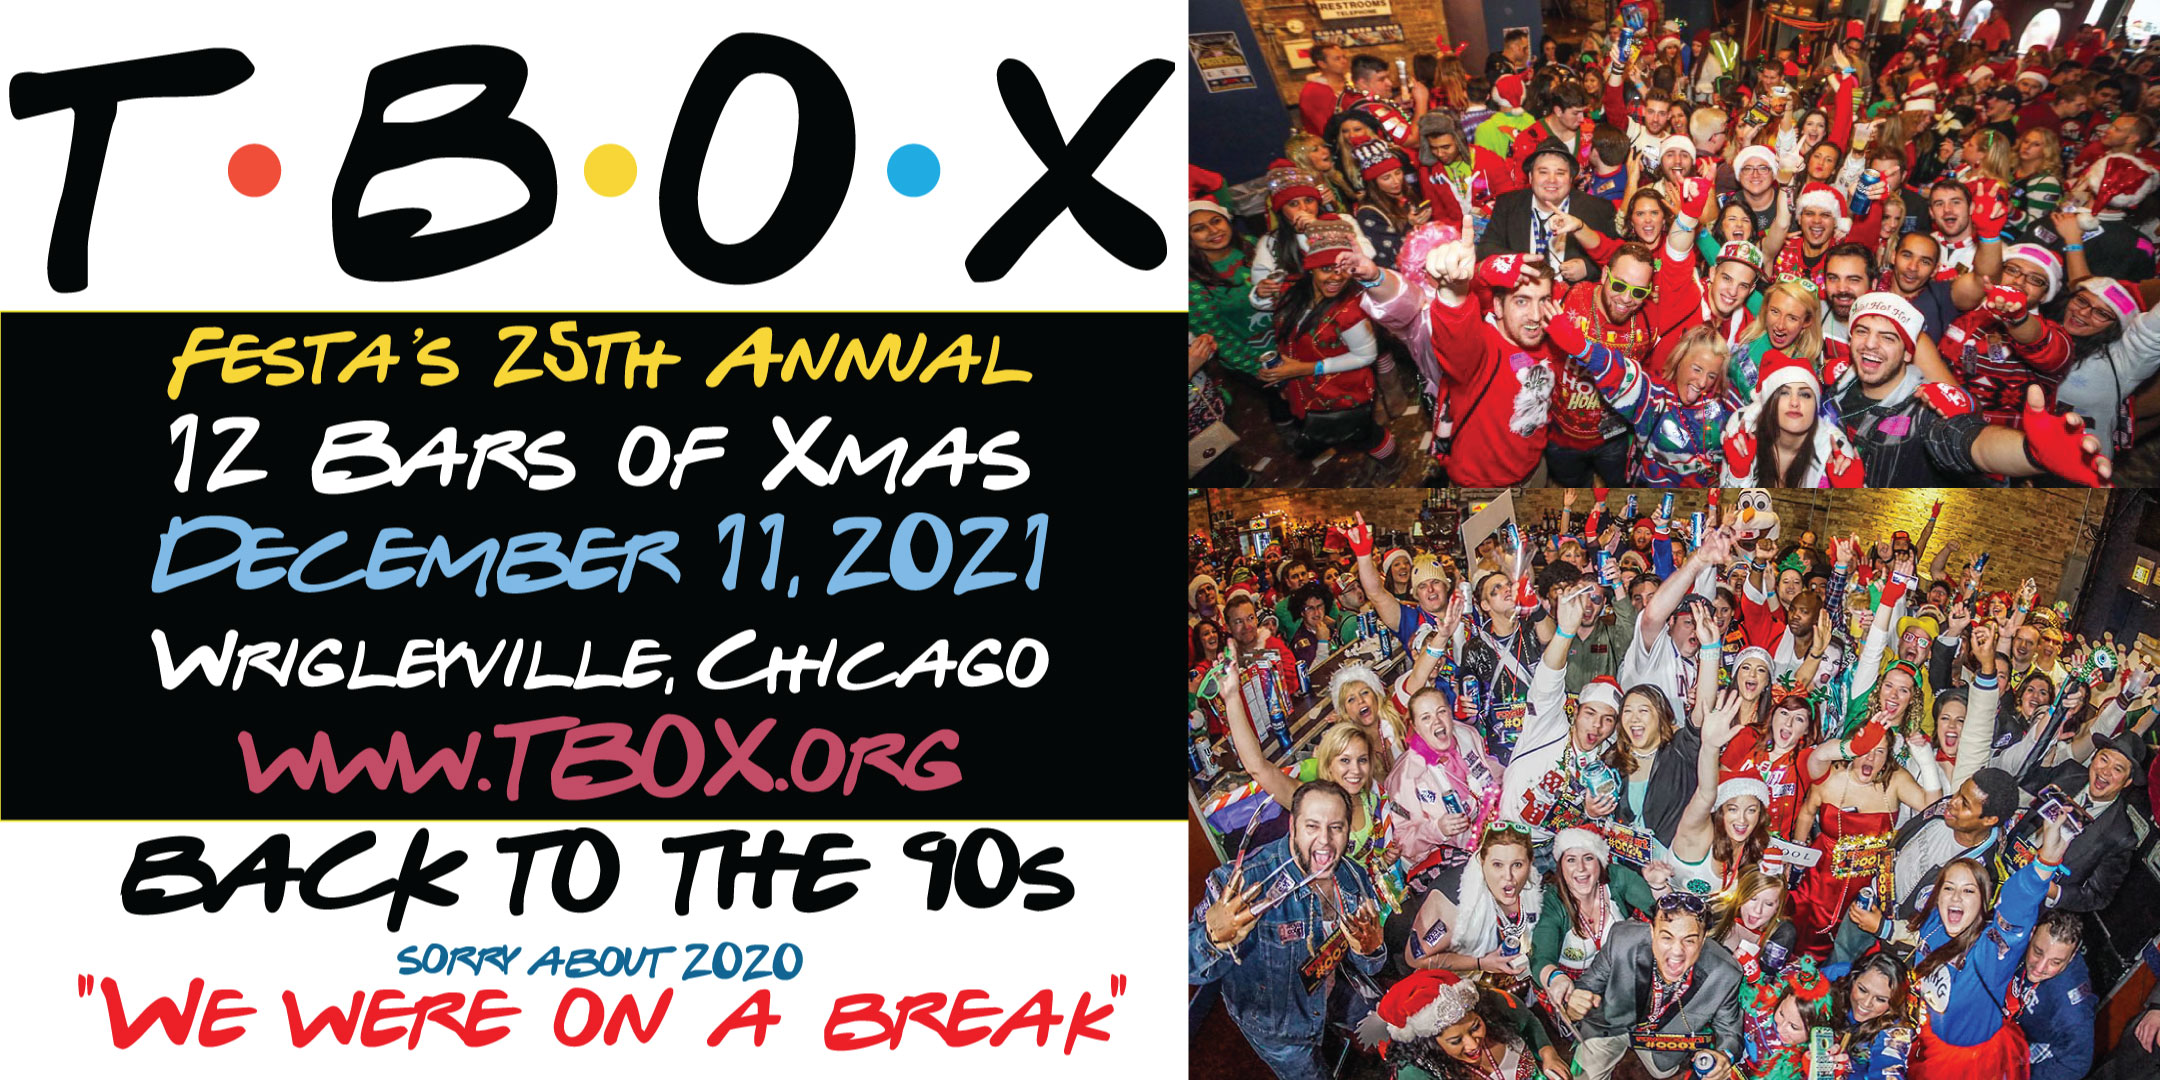 TBOX 2021 - The 12 Bars of Xmas Chicago Christmas Pub Crawl